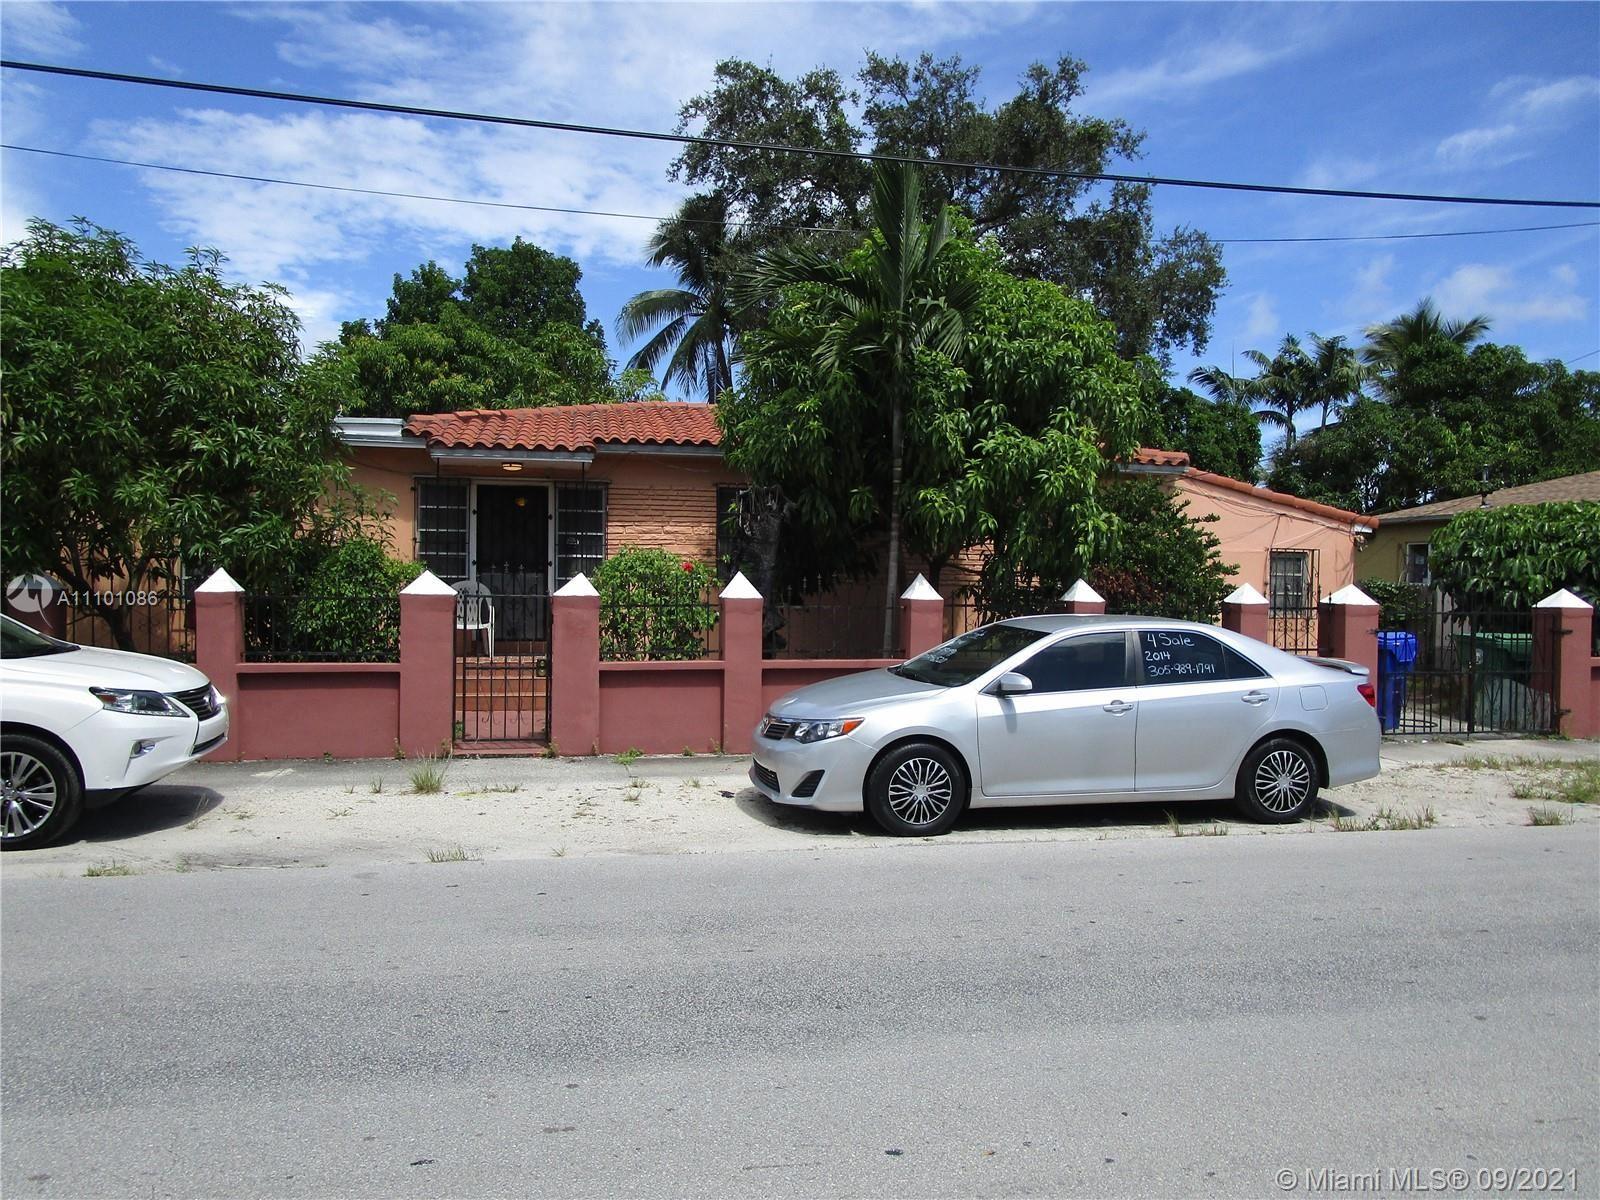 25 NE 68th St, Miami, FL 33138 - #: A11101086